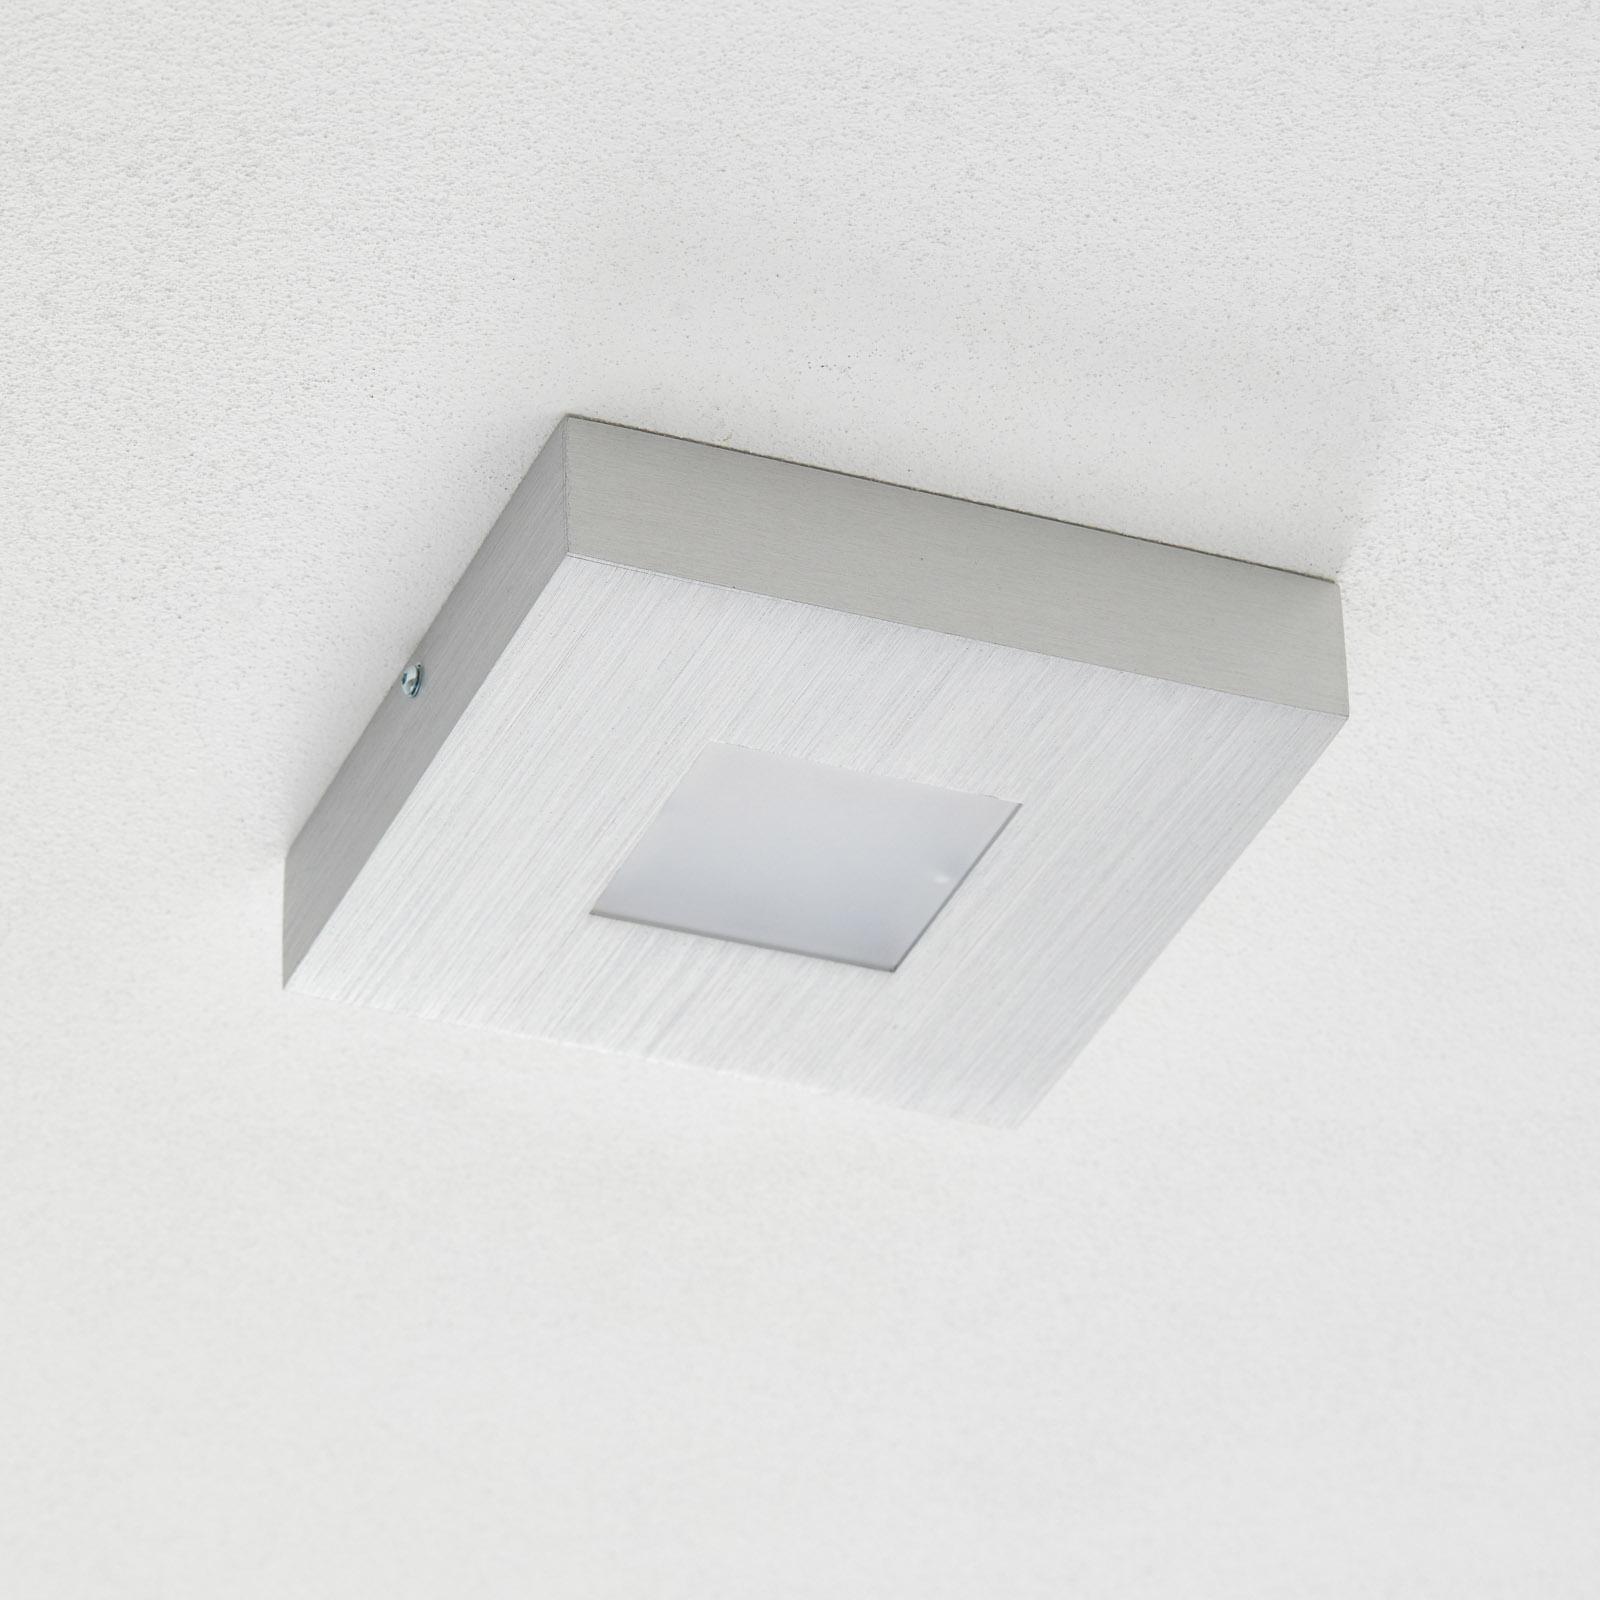 Bopp Cubus quadratische LED-Deckenleuchte, dimmbar